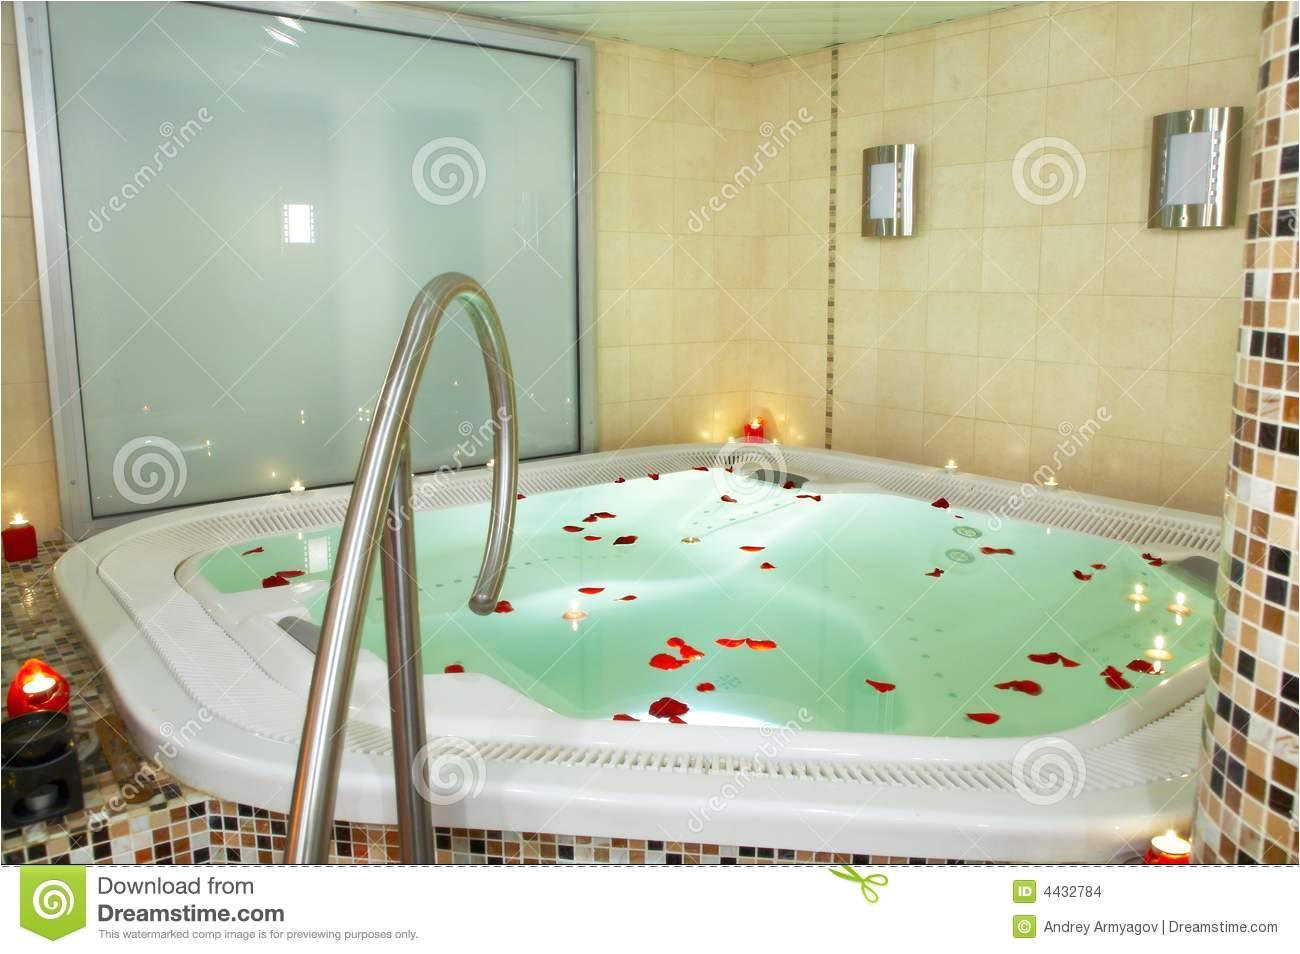 stock images bath jacuzzi image